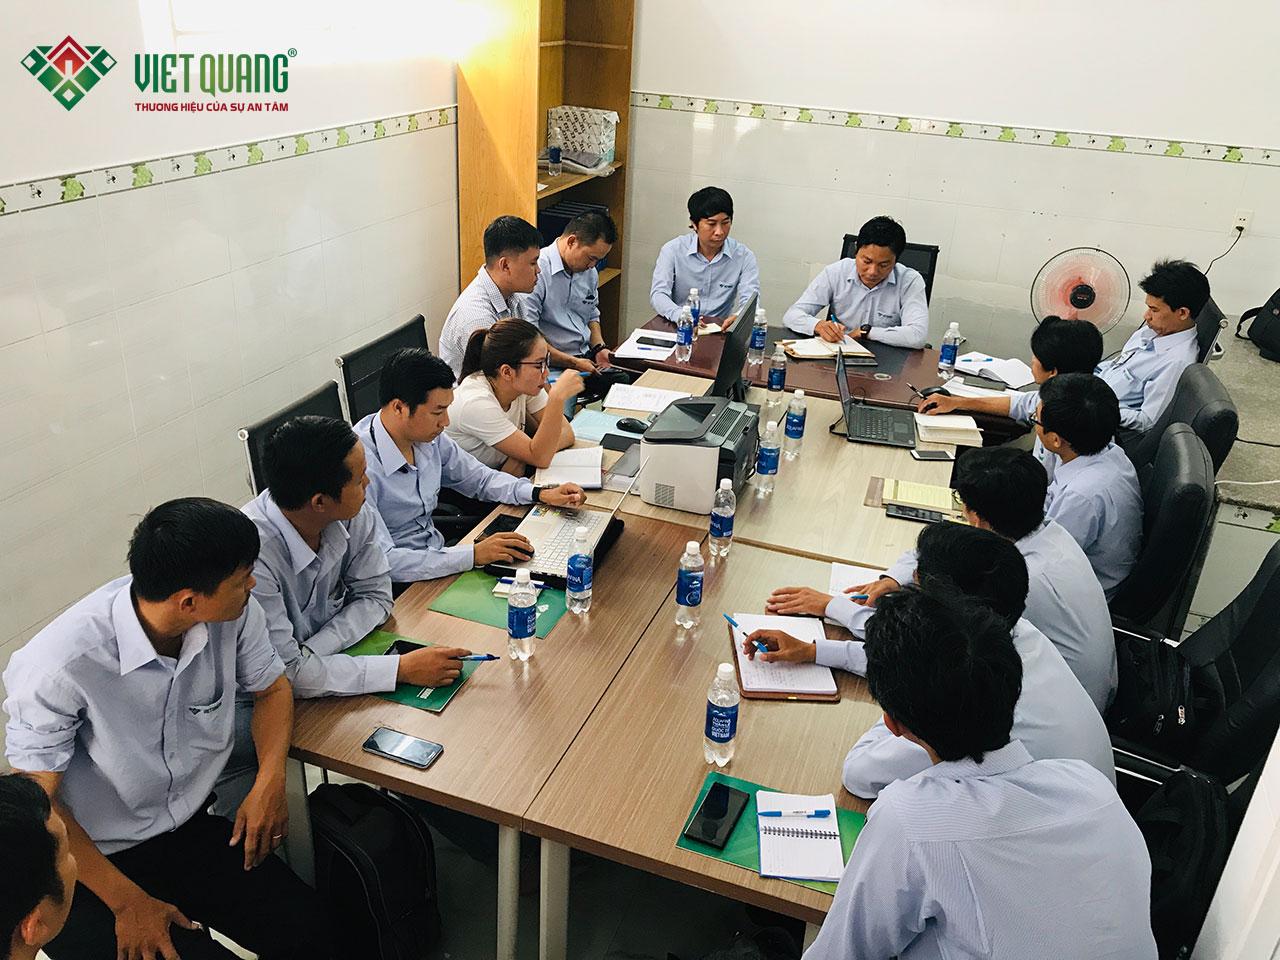 Đội ngũ nhân sự của Việt Quang tại quận Bình Tân